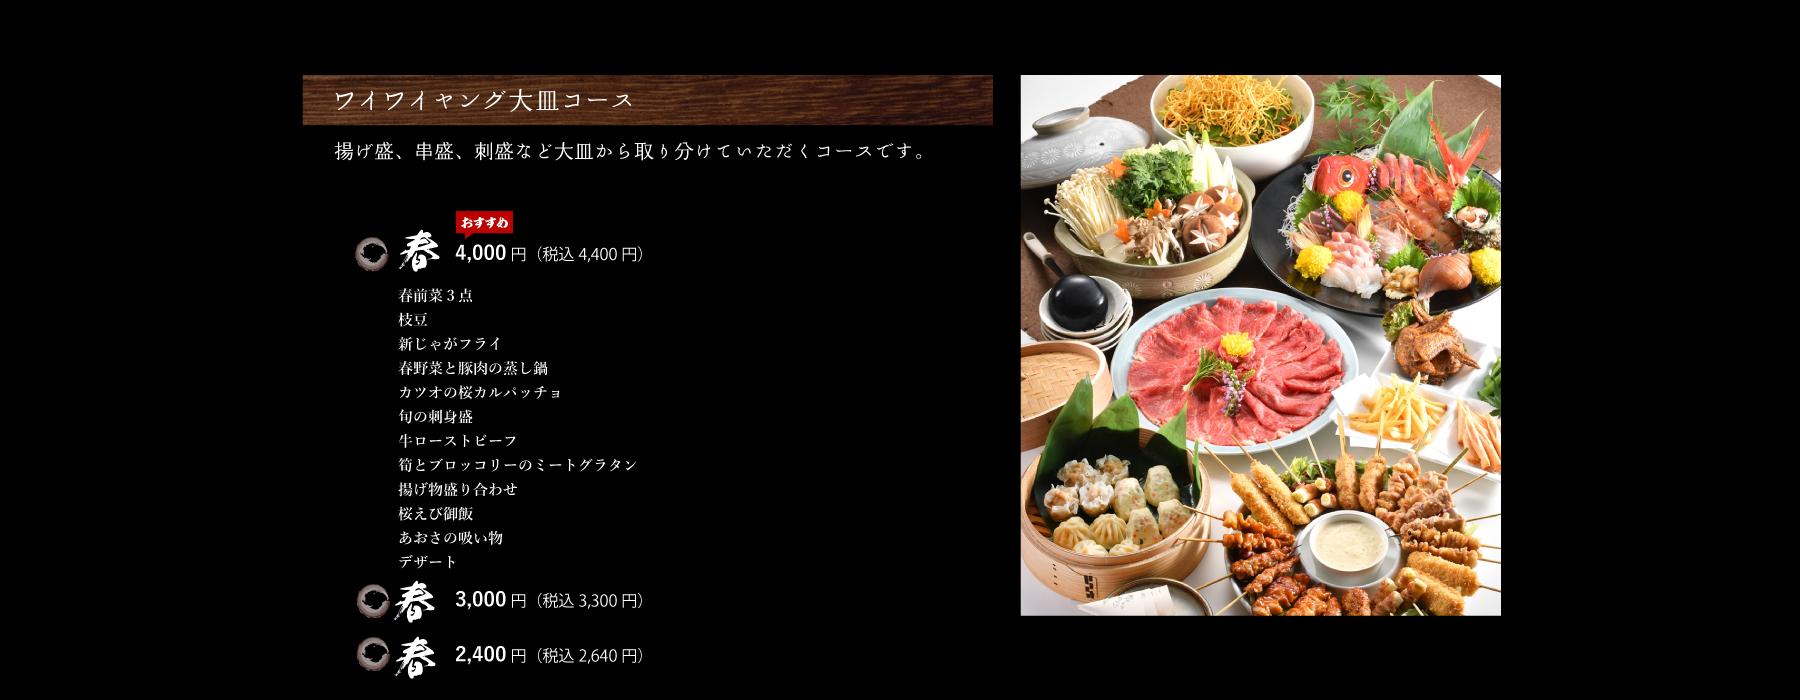 ワイワイヤング大皿コース詳細